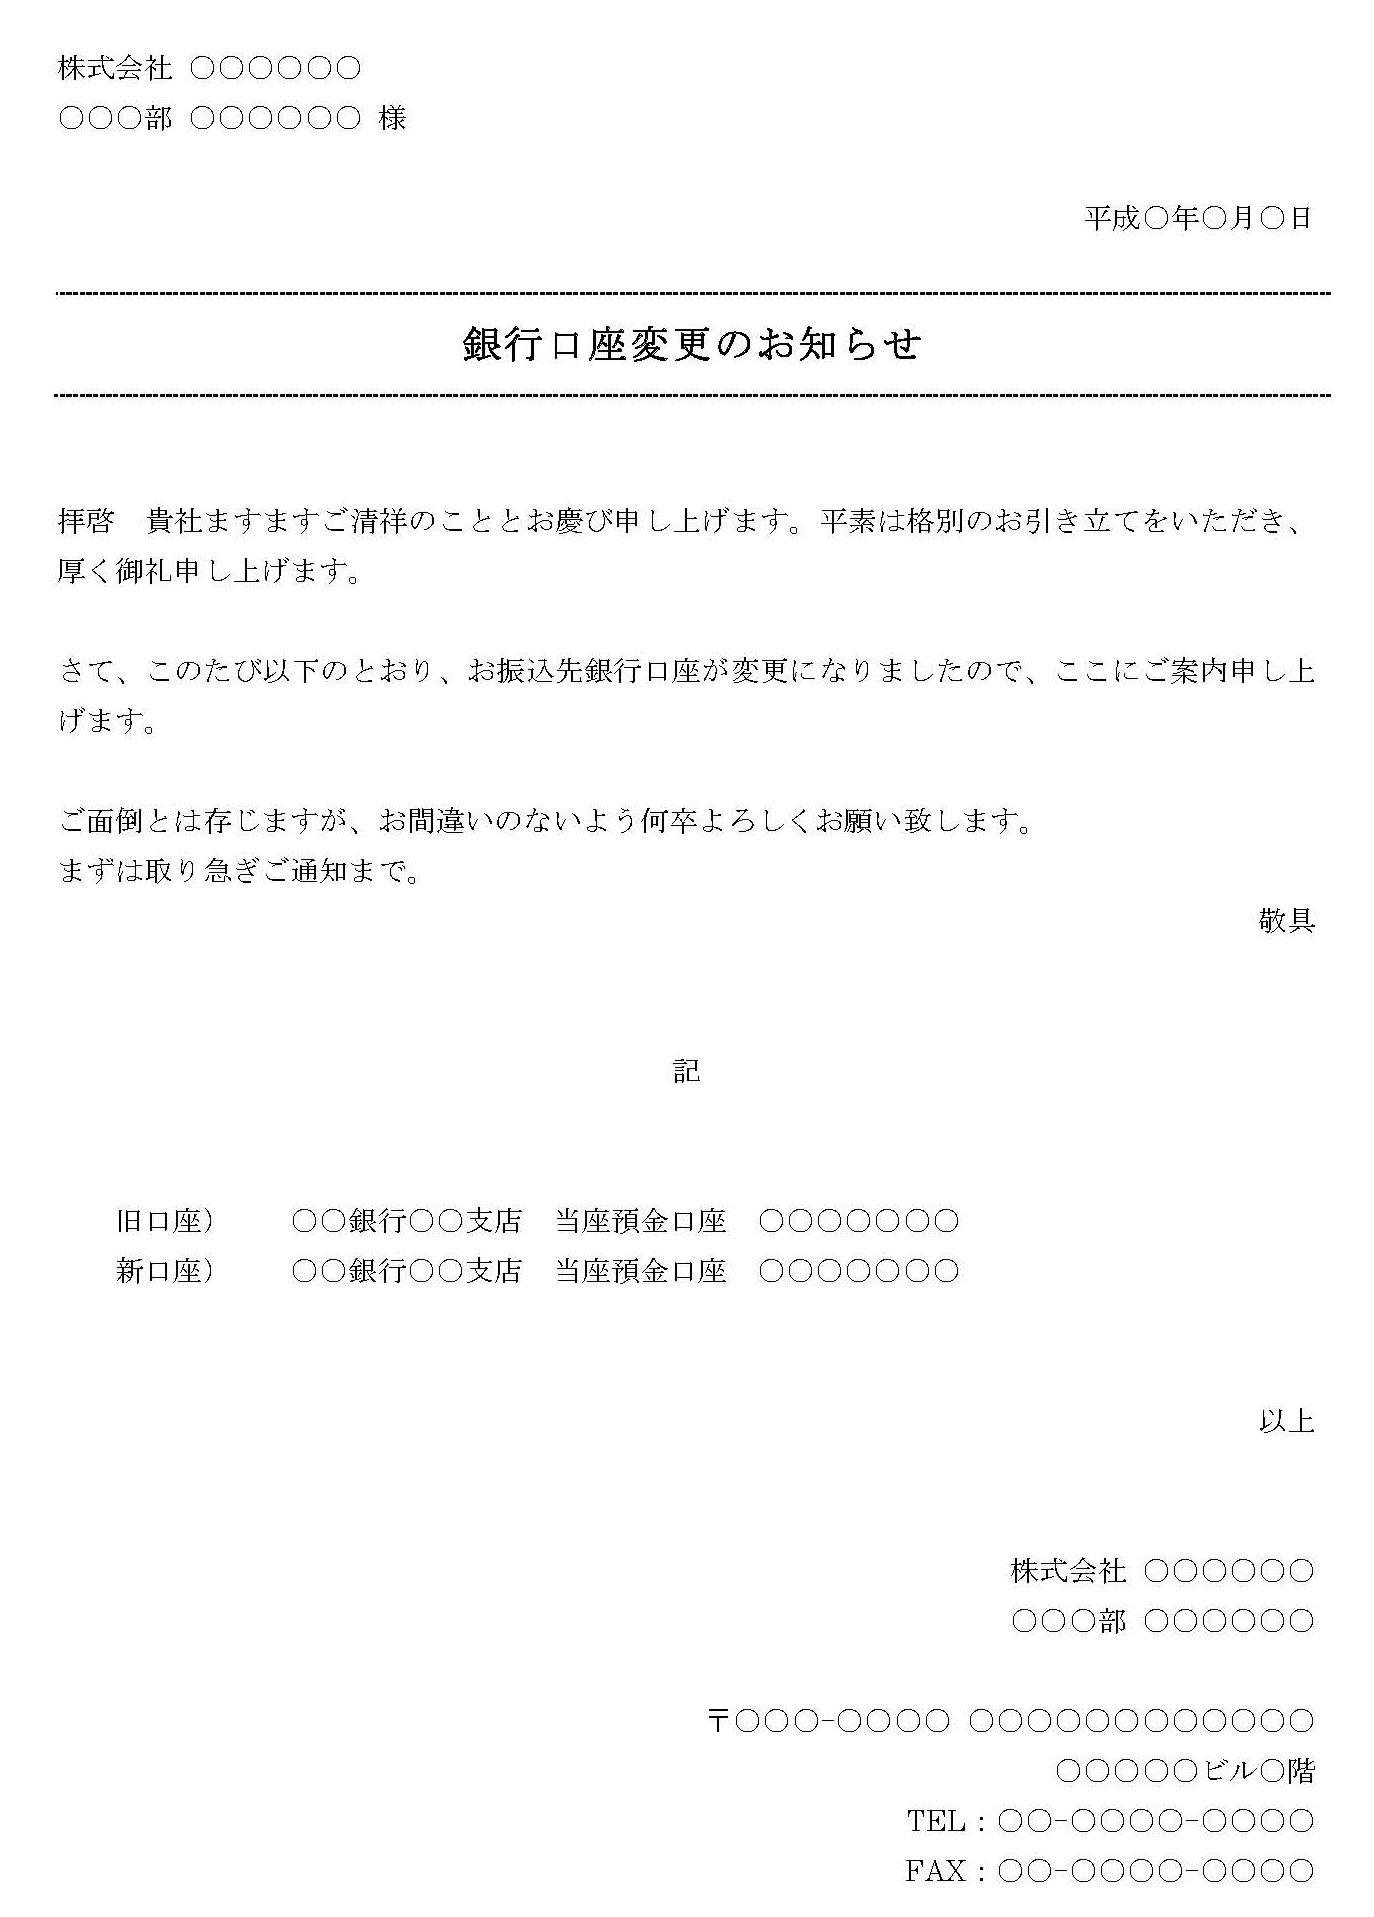 お知らせ(銀行口座変更)02